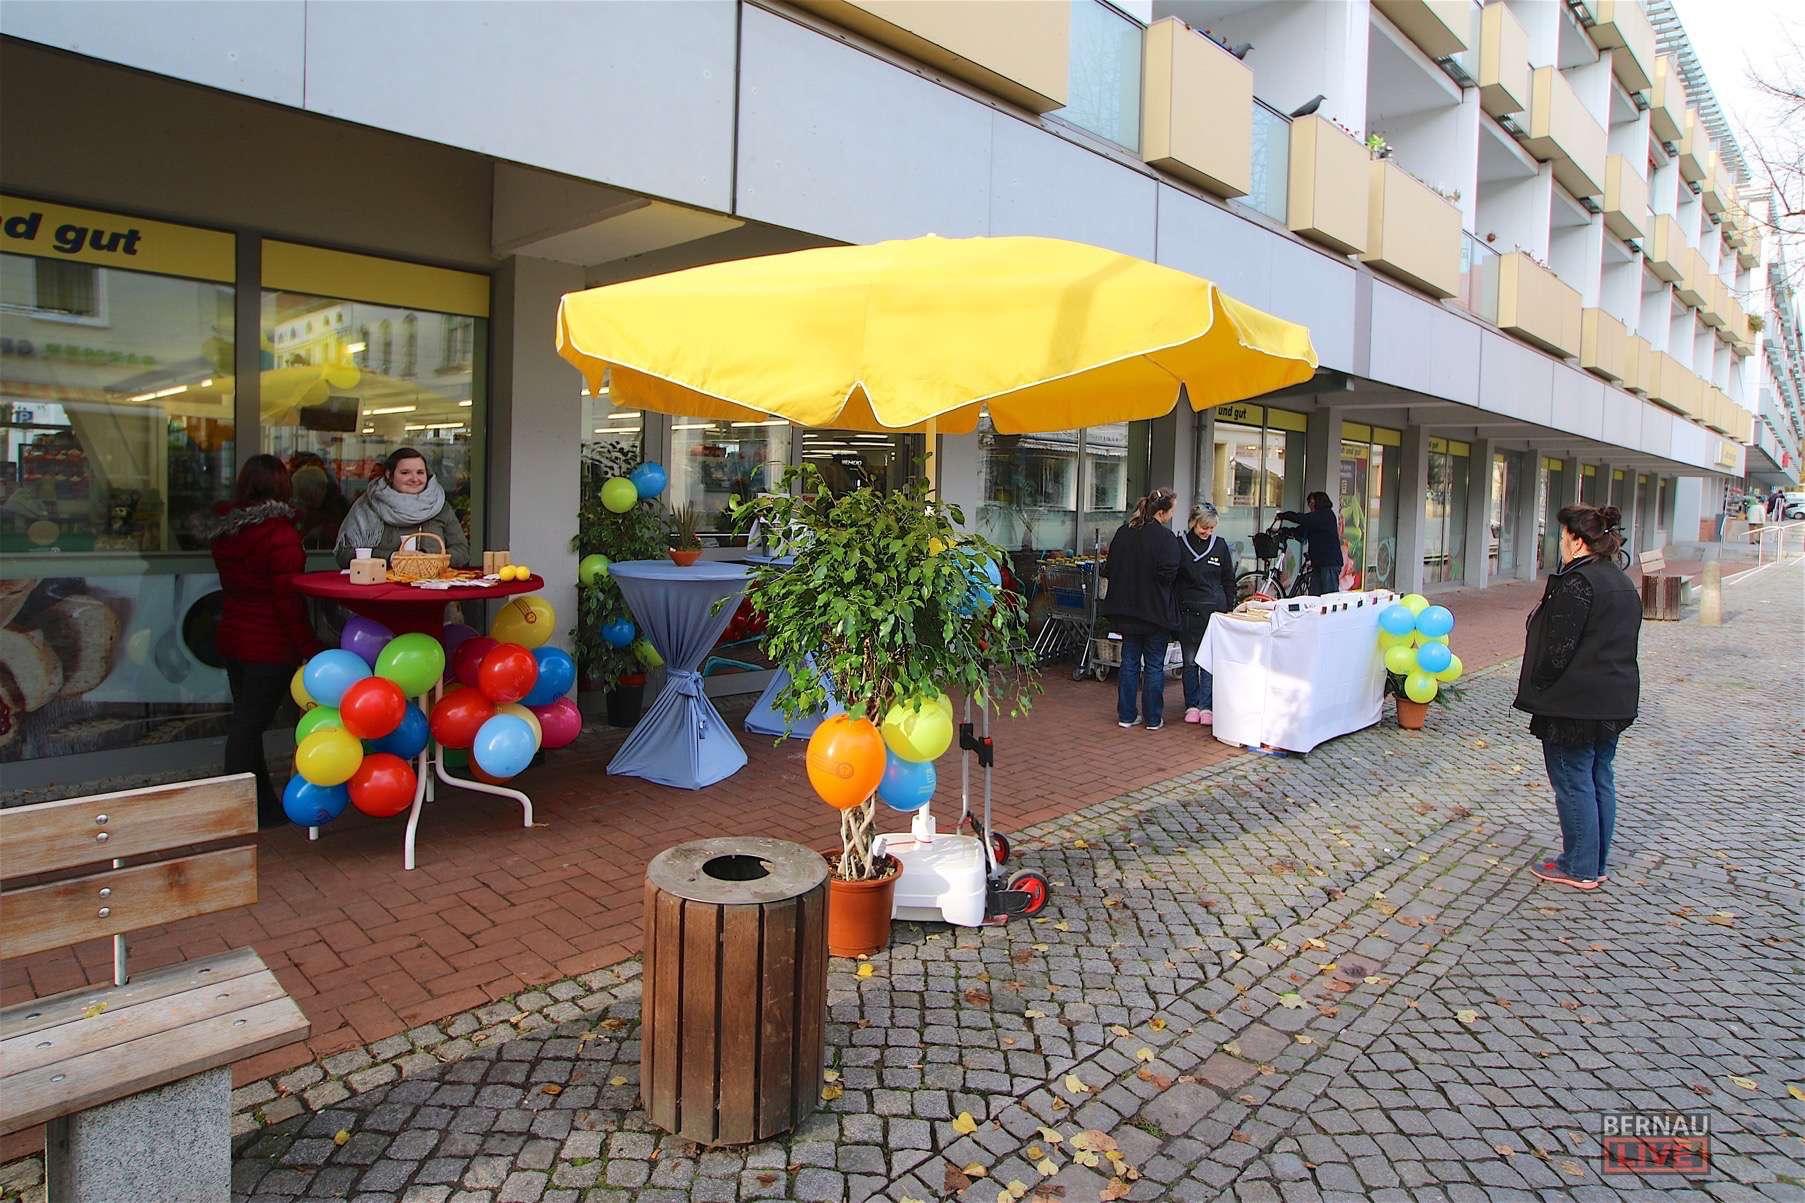 Edeka Burgermeisterstrasse Nun Auf Fast 800qm Mit Uber 4 000